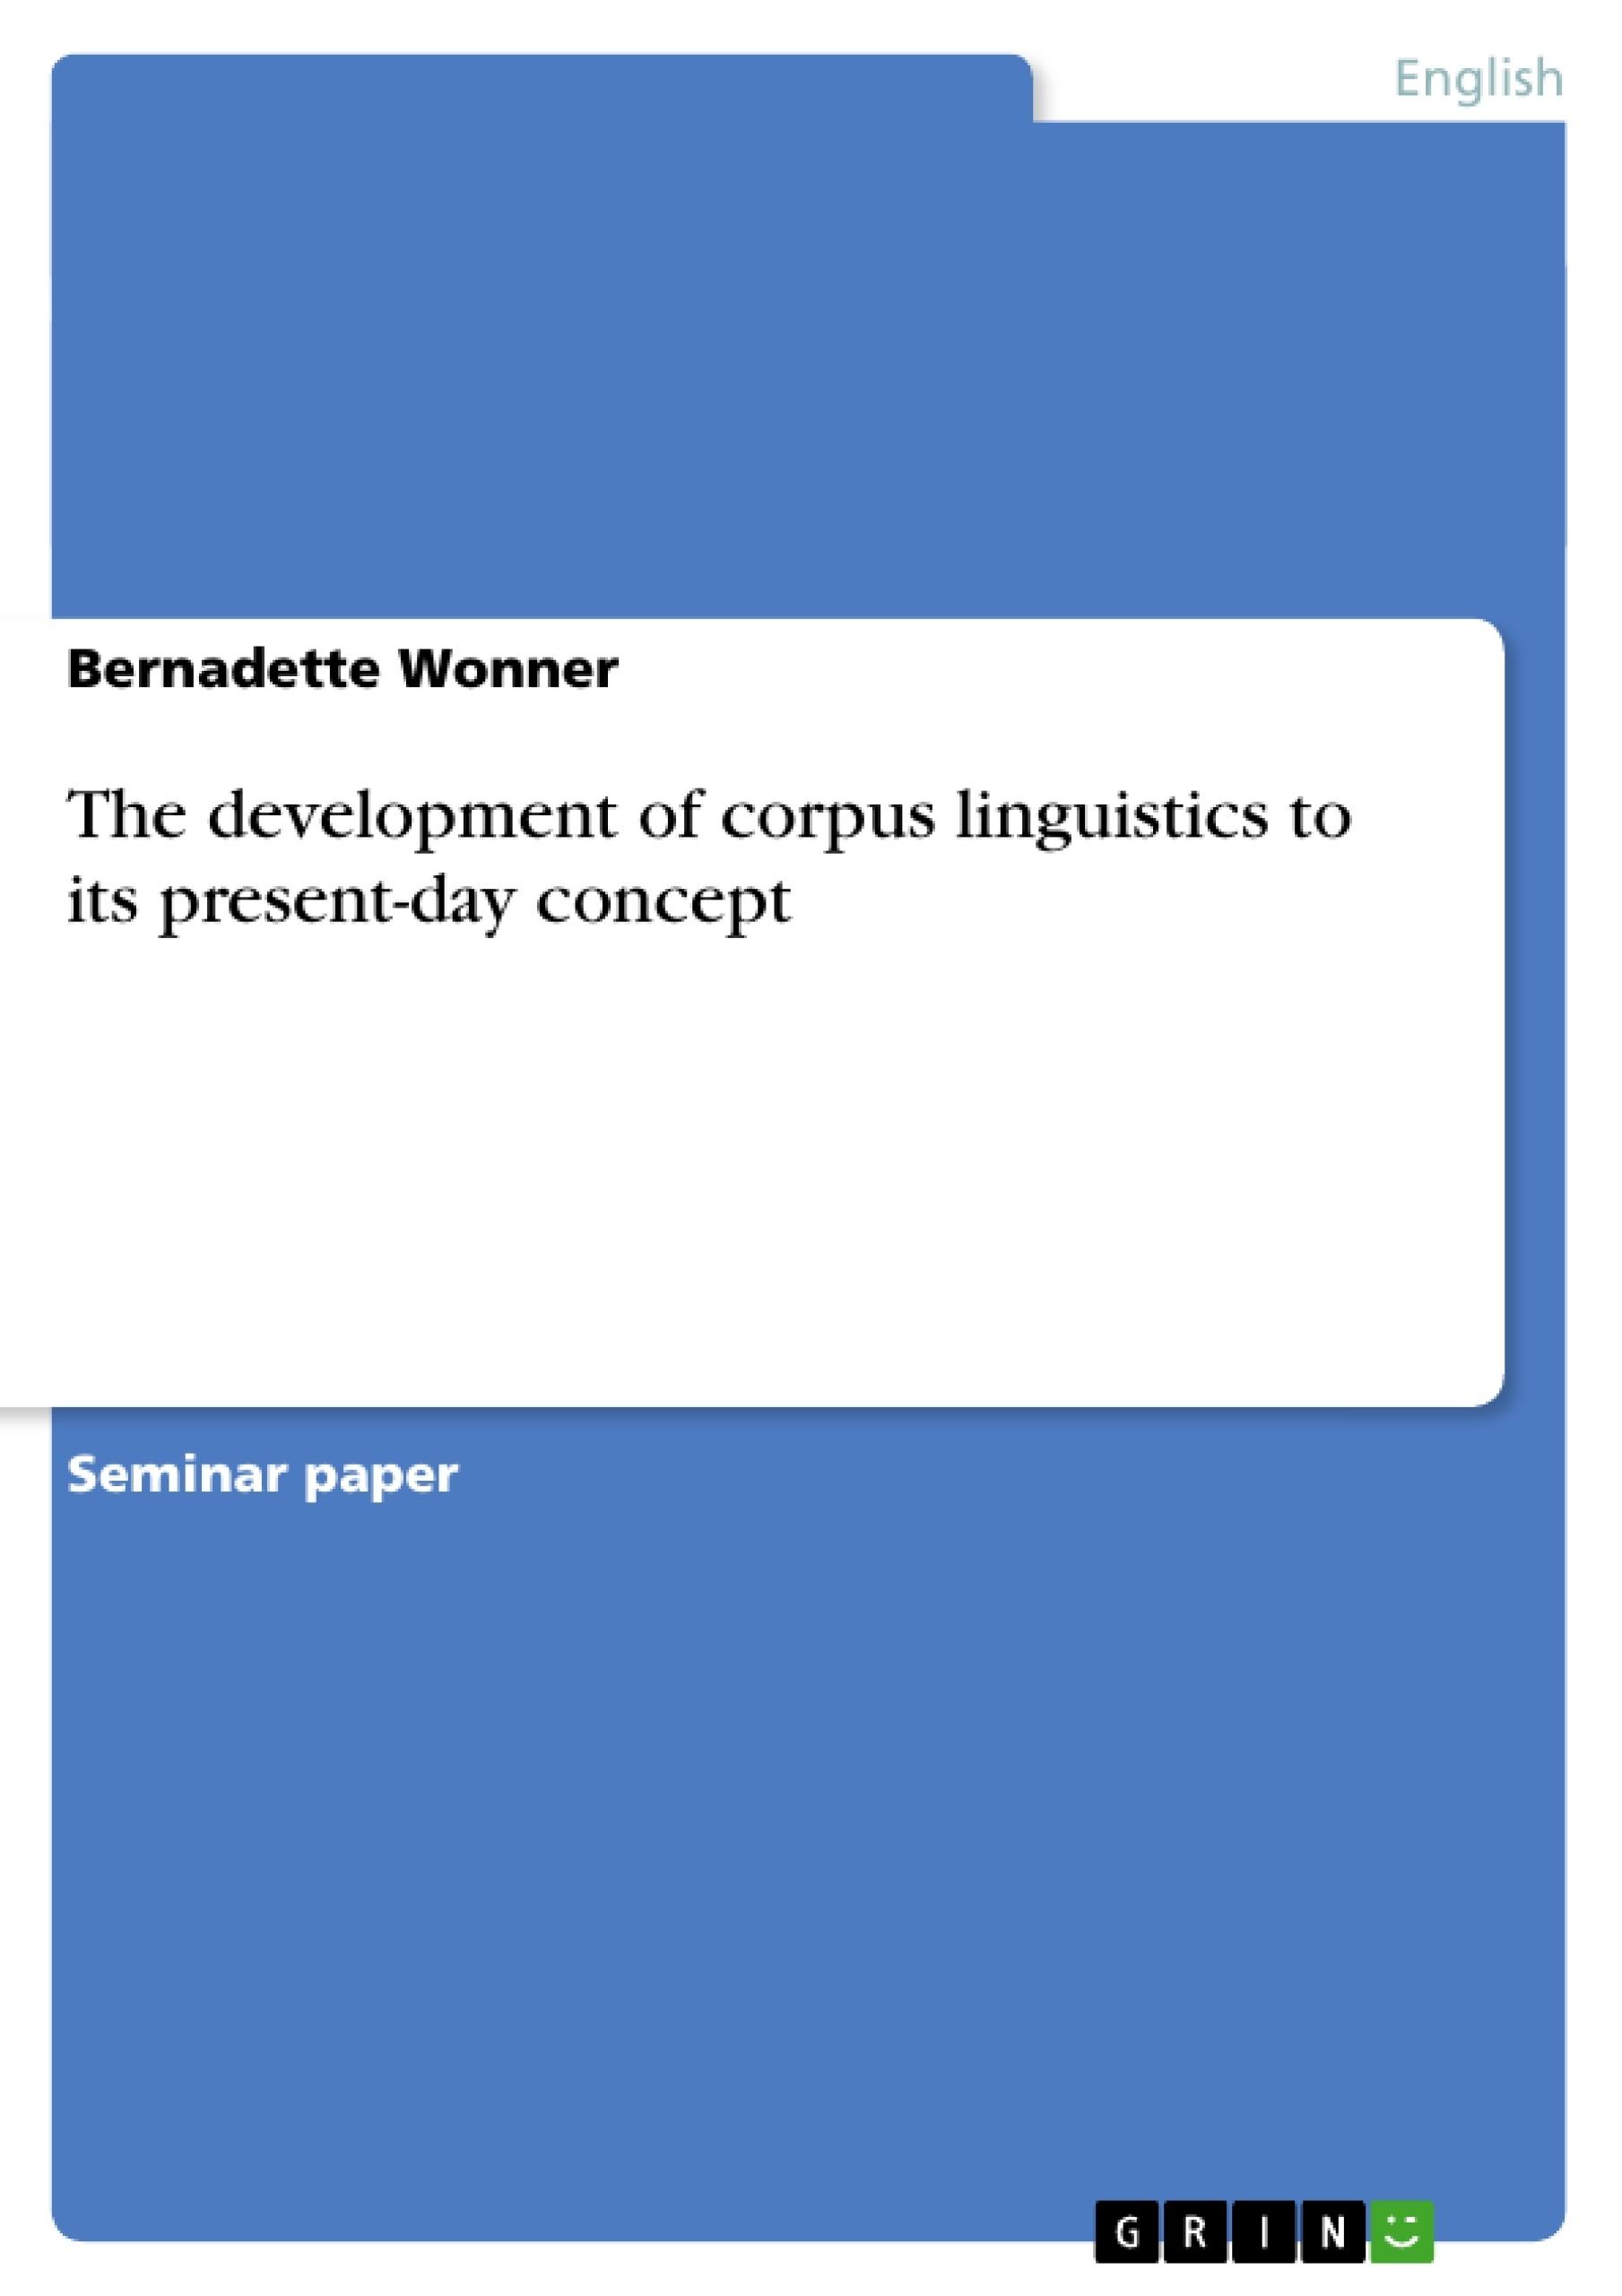 Linguistics term paper